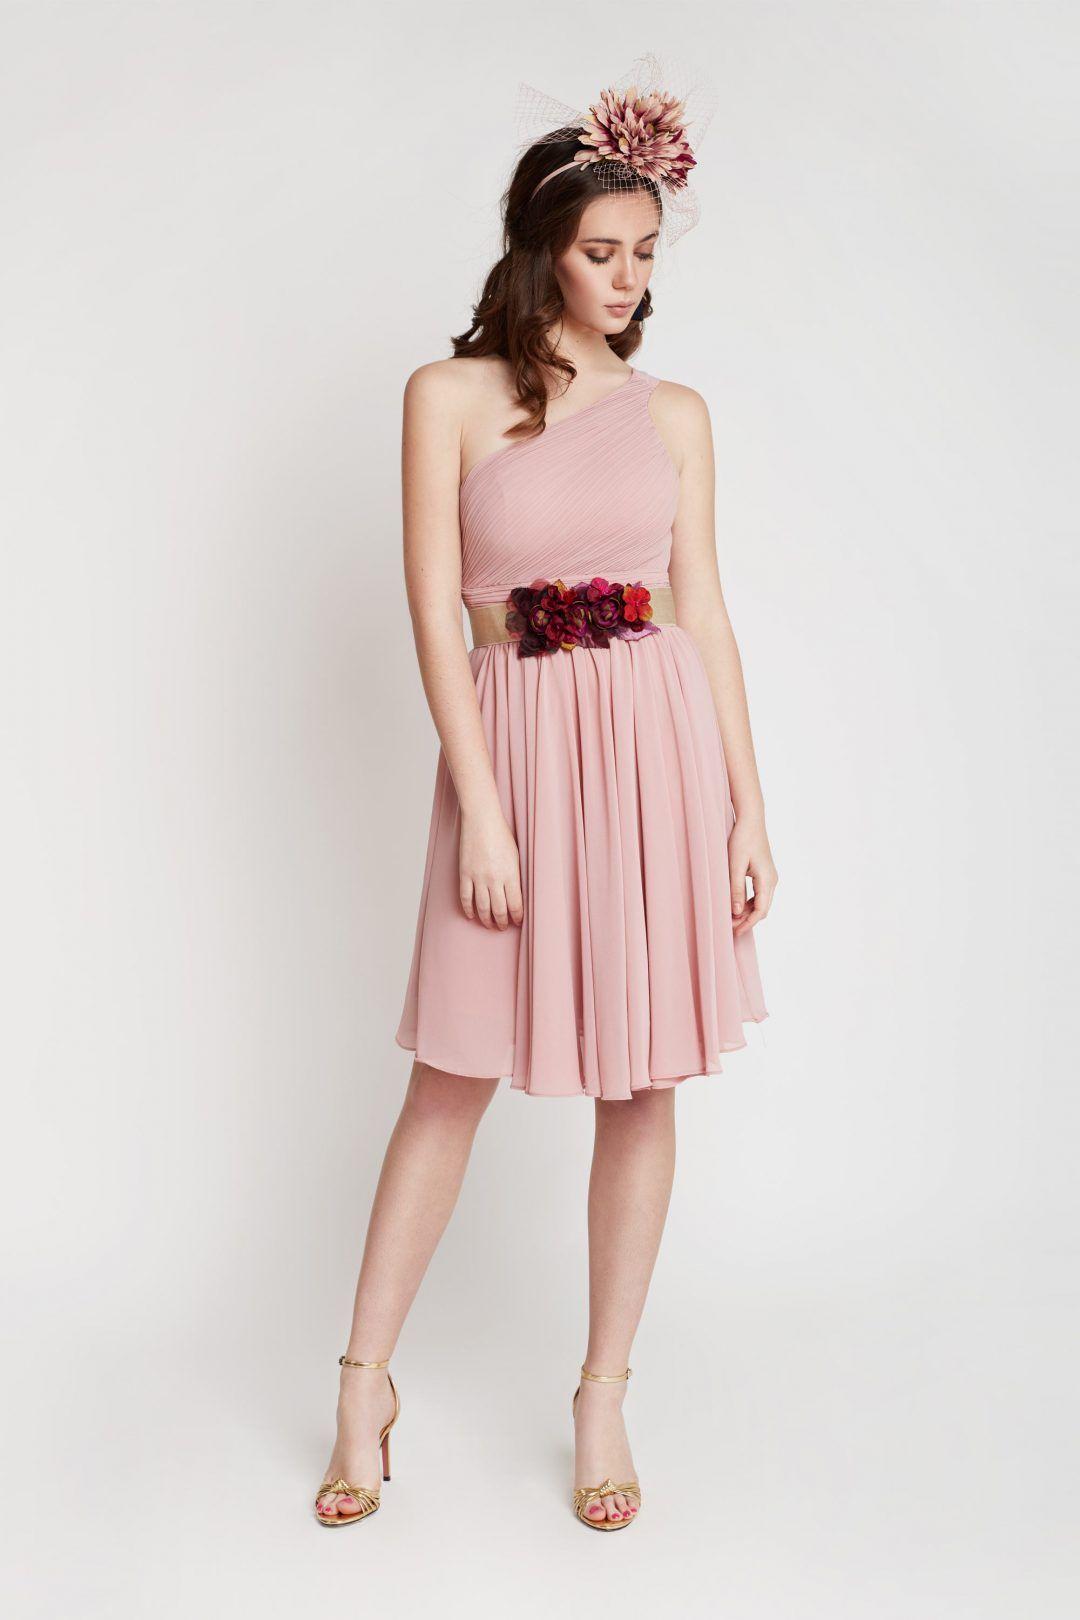 Vestido corto en color rosa | Vestidos invitada boda, Vestidos ...